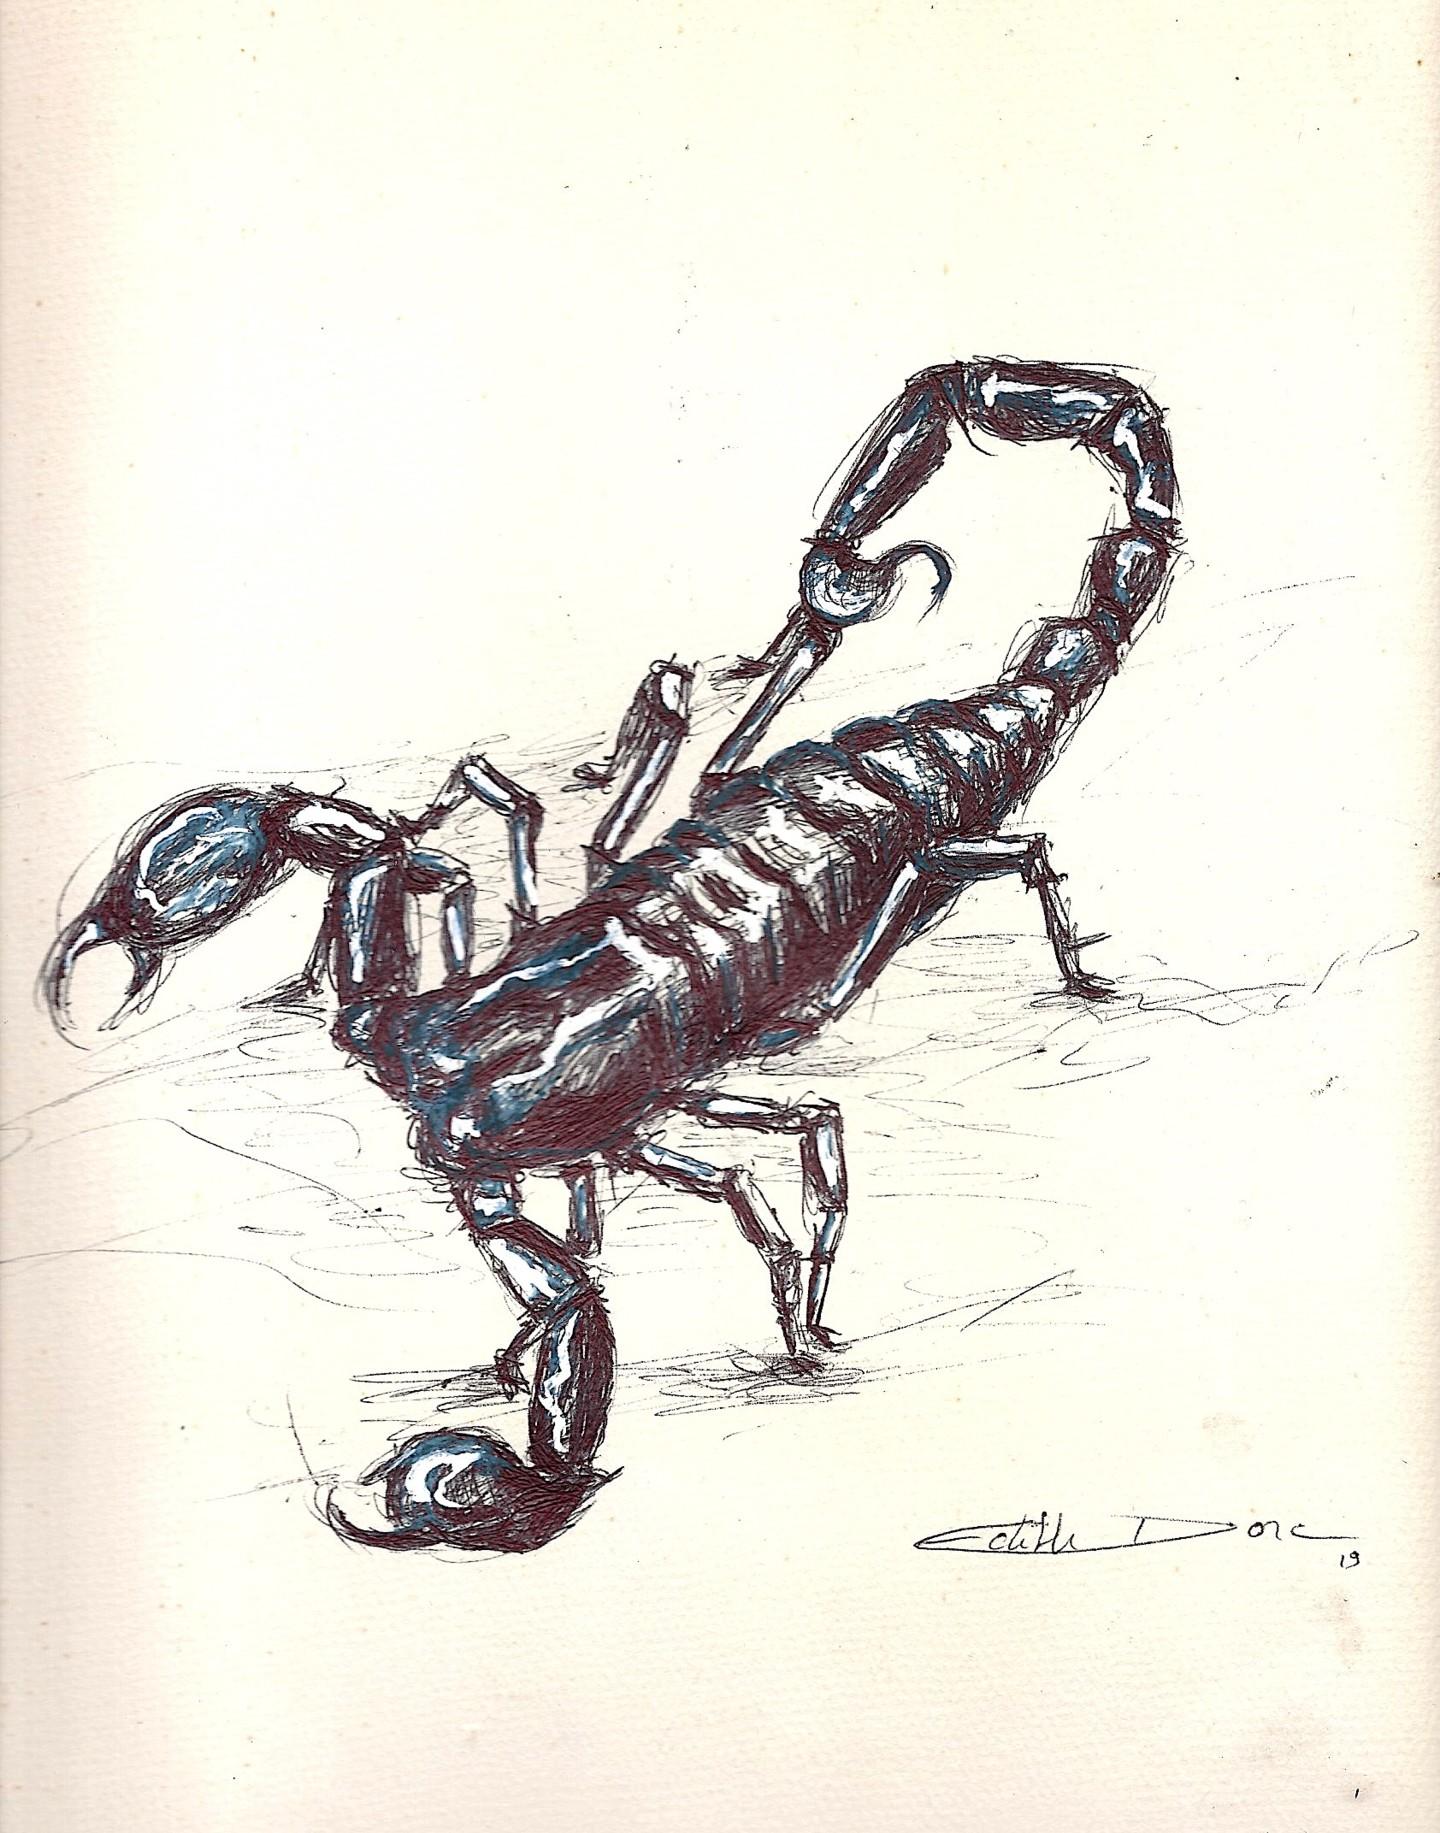 Edith Donc - Dessine moi un scorpion